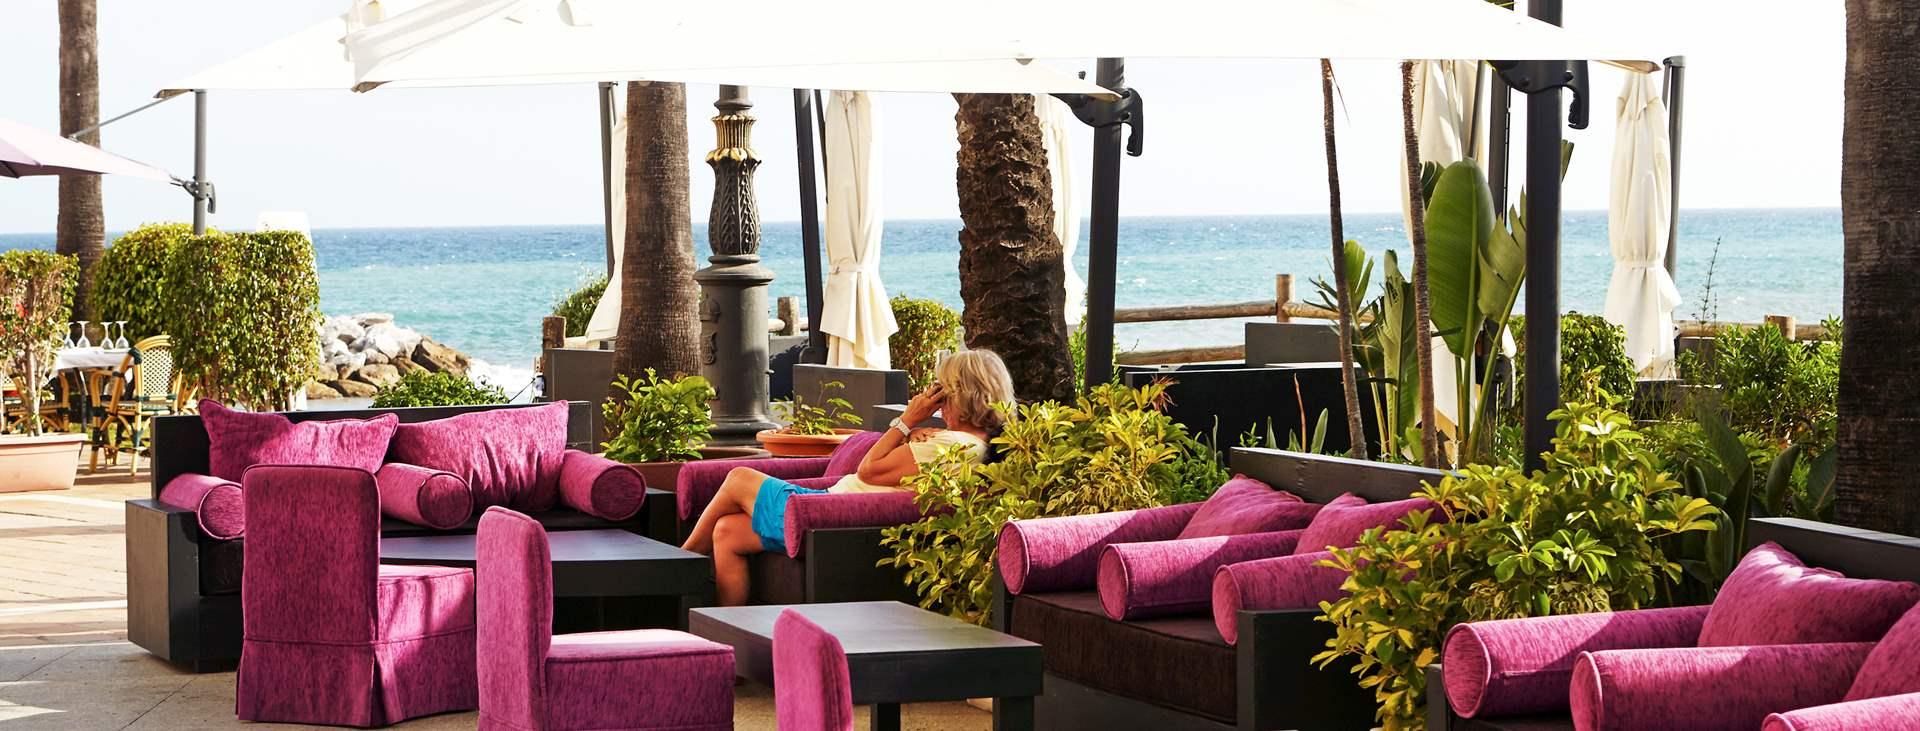 Boka din resa till Marbella på Costa del Sol med Ving